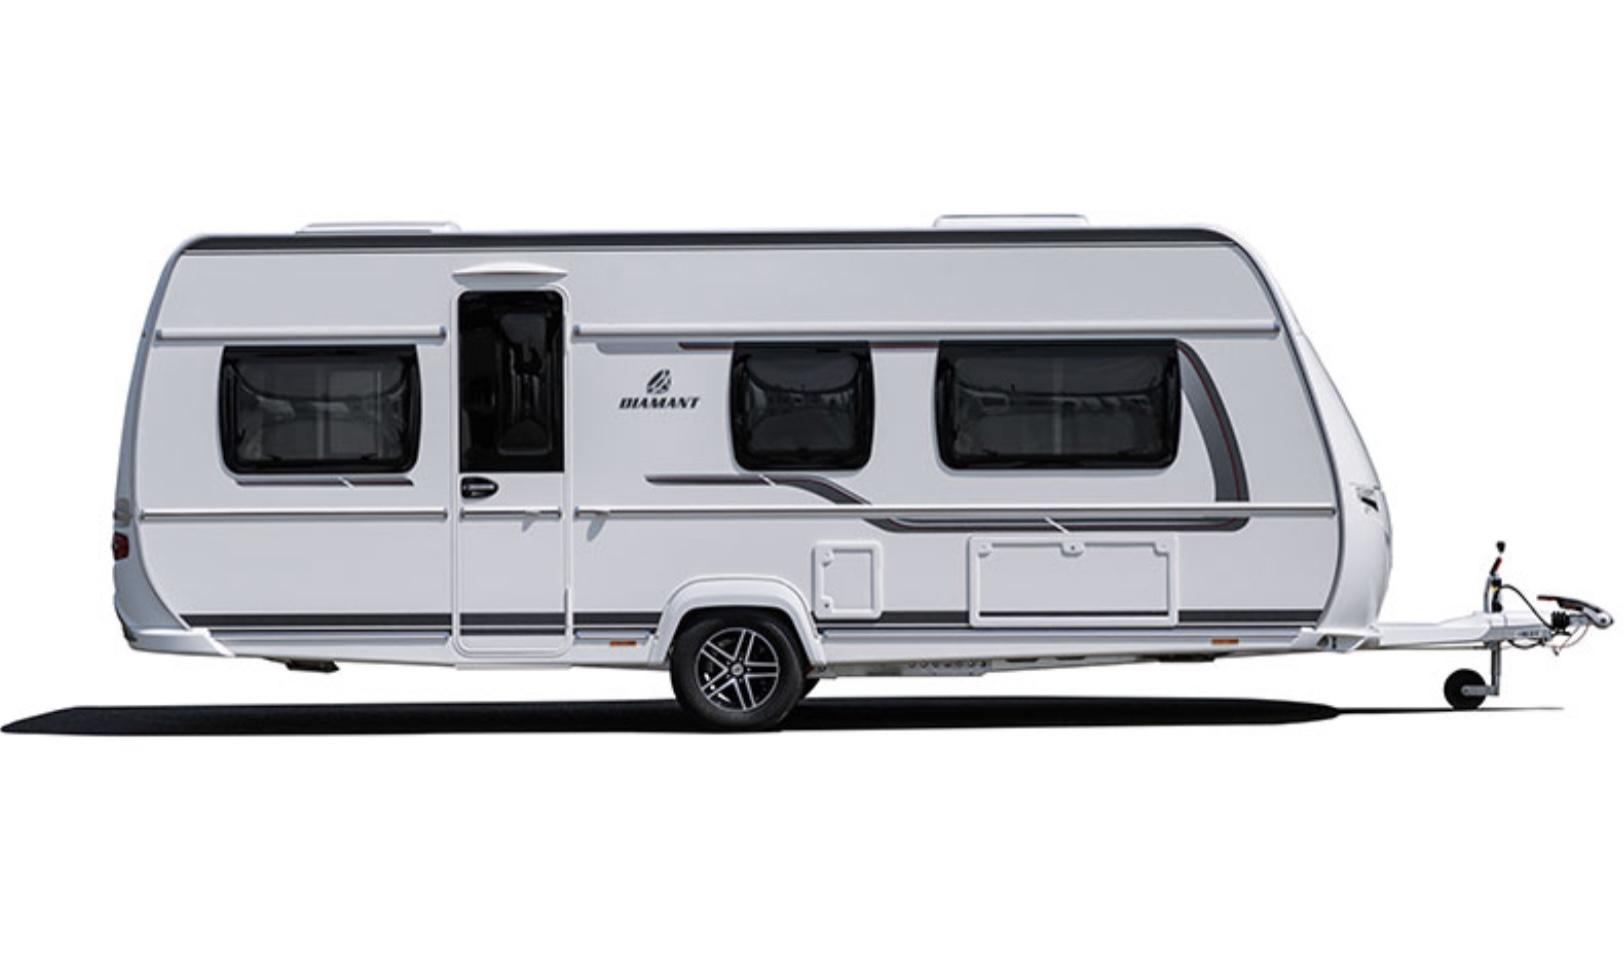 Fendt - Caravan